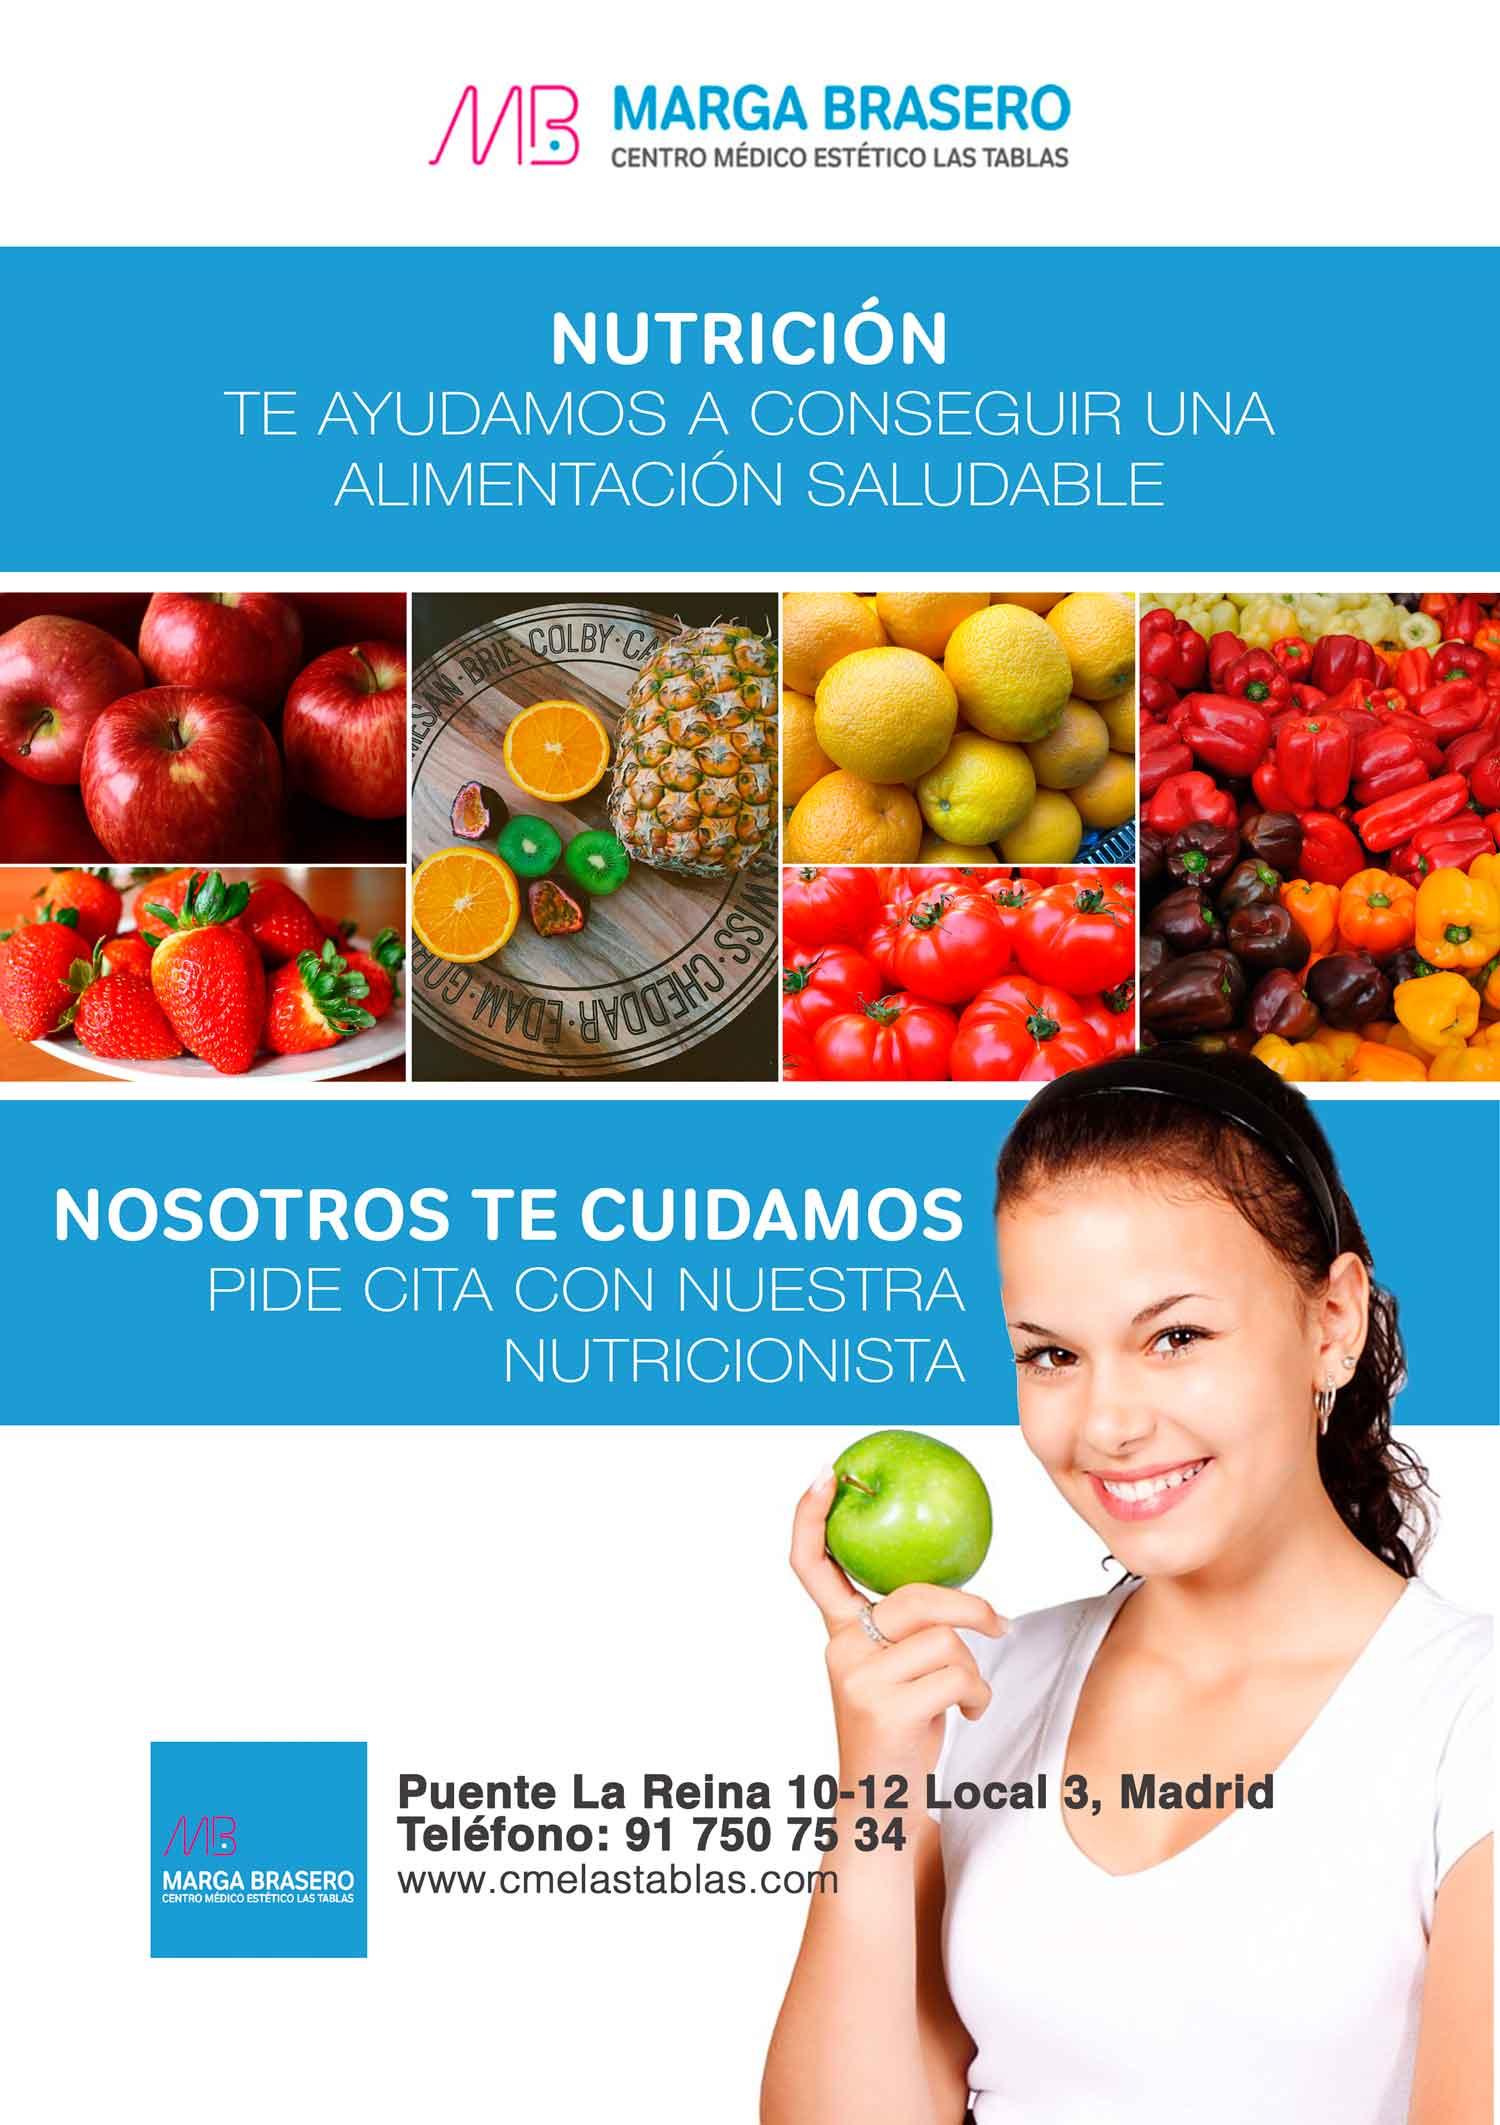 Promoción especial nutrición en Marga Brasero centro médico estético